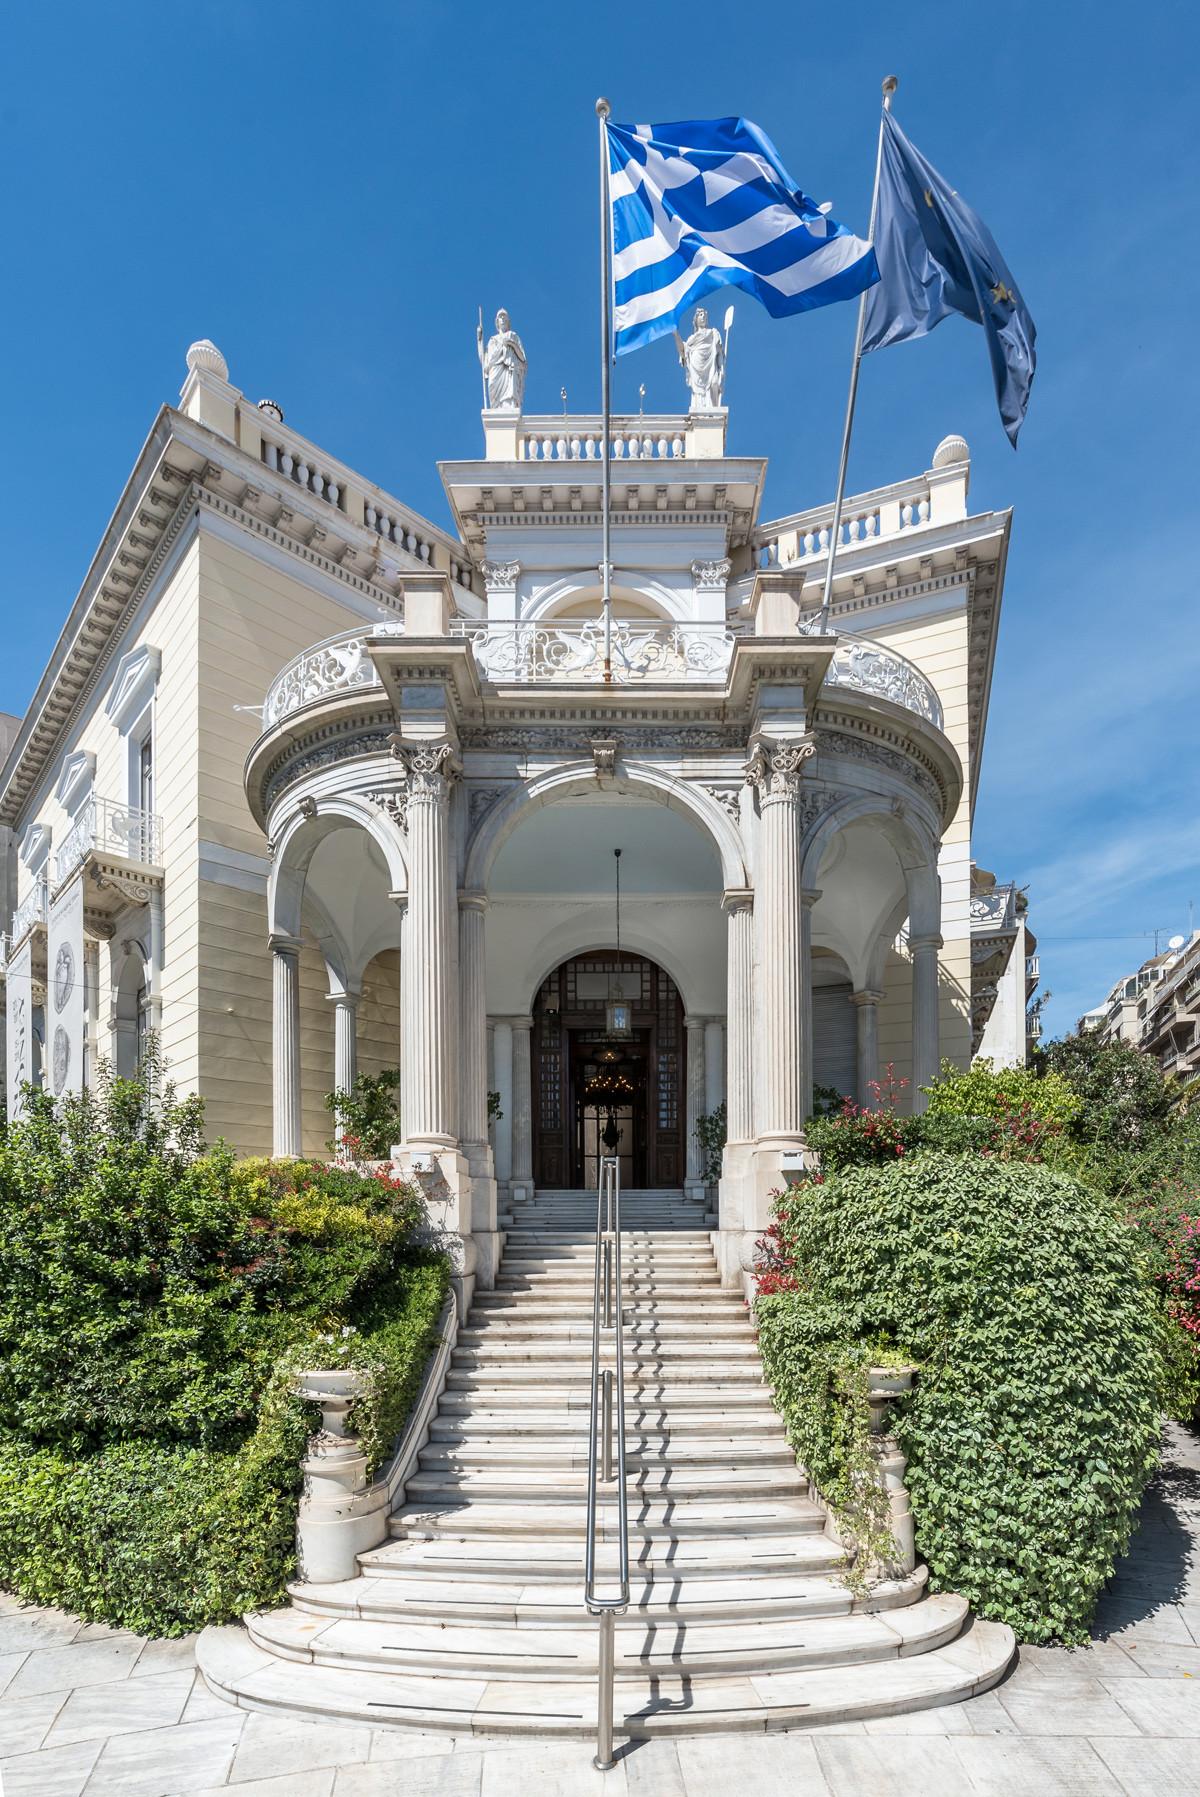 Το Μέγαρο Σταθάτου είναι ένα από τα σημαντικότερα αρχιτεκτονικά δείγματα του νεοκλασσικισμού στην Αθήνα.